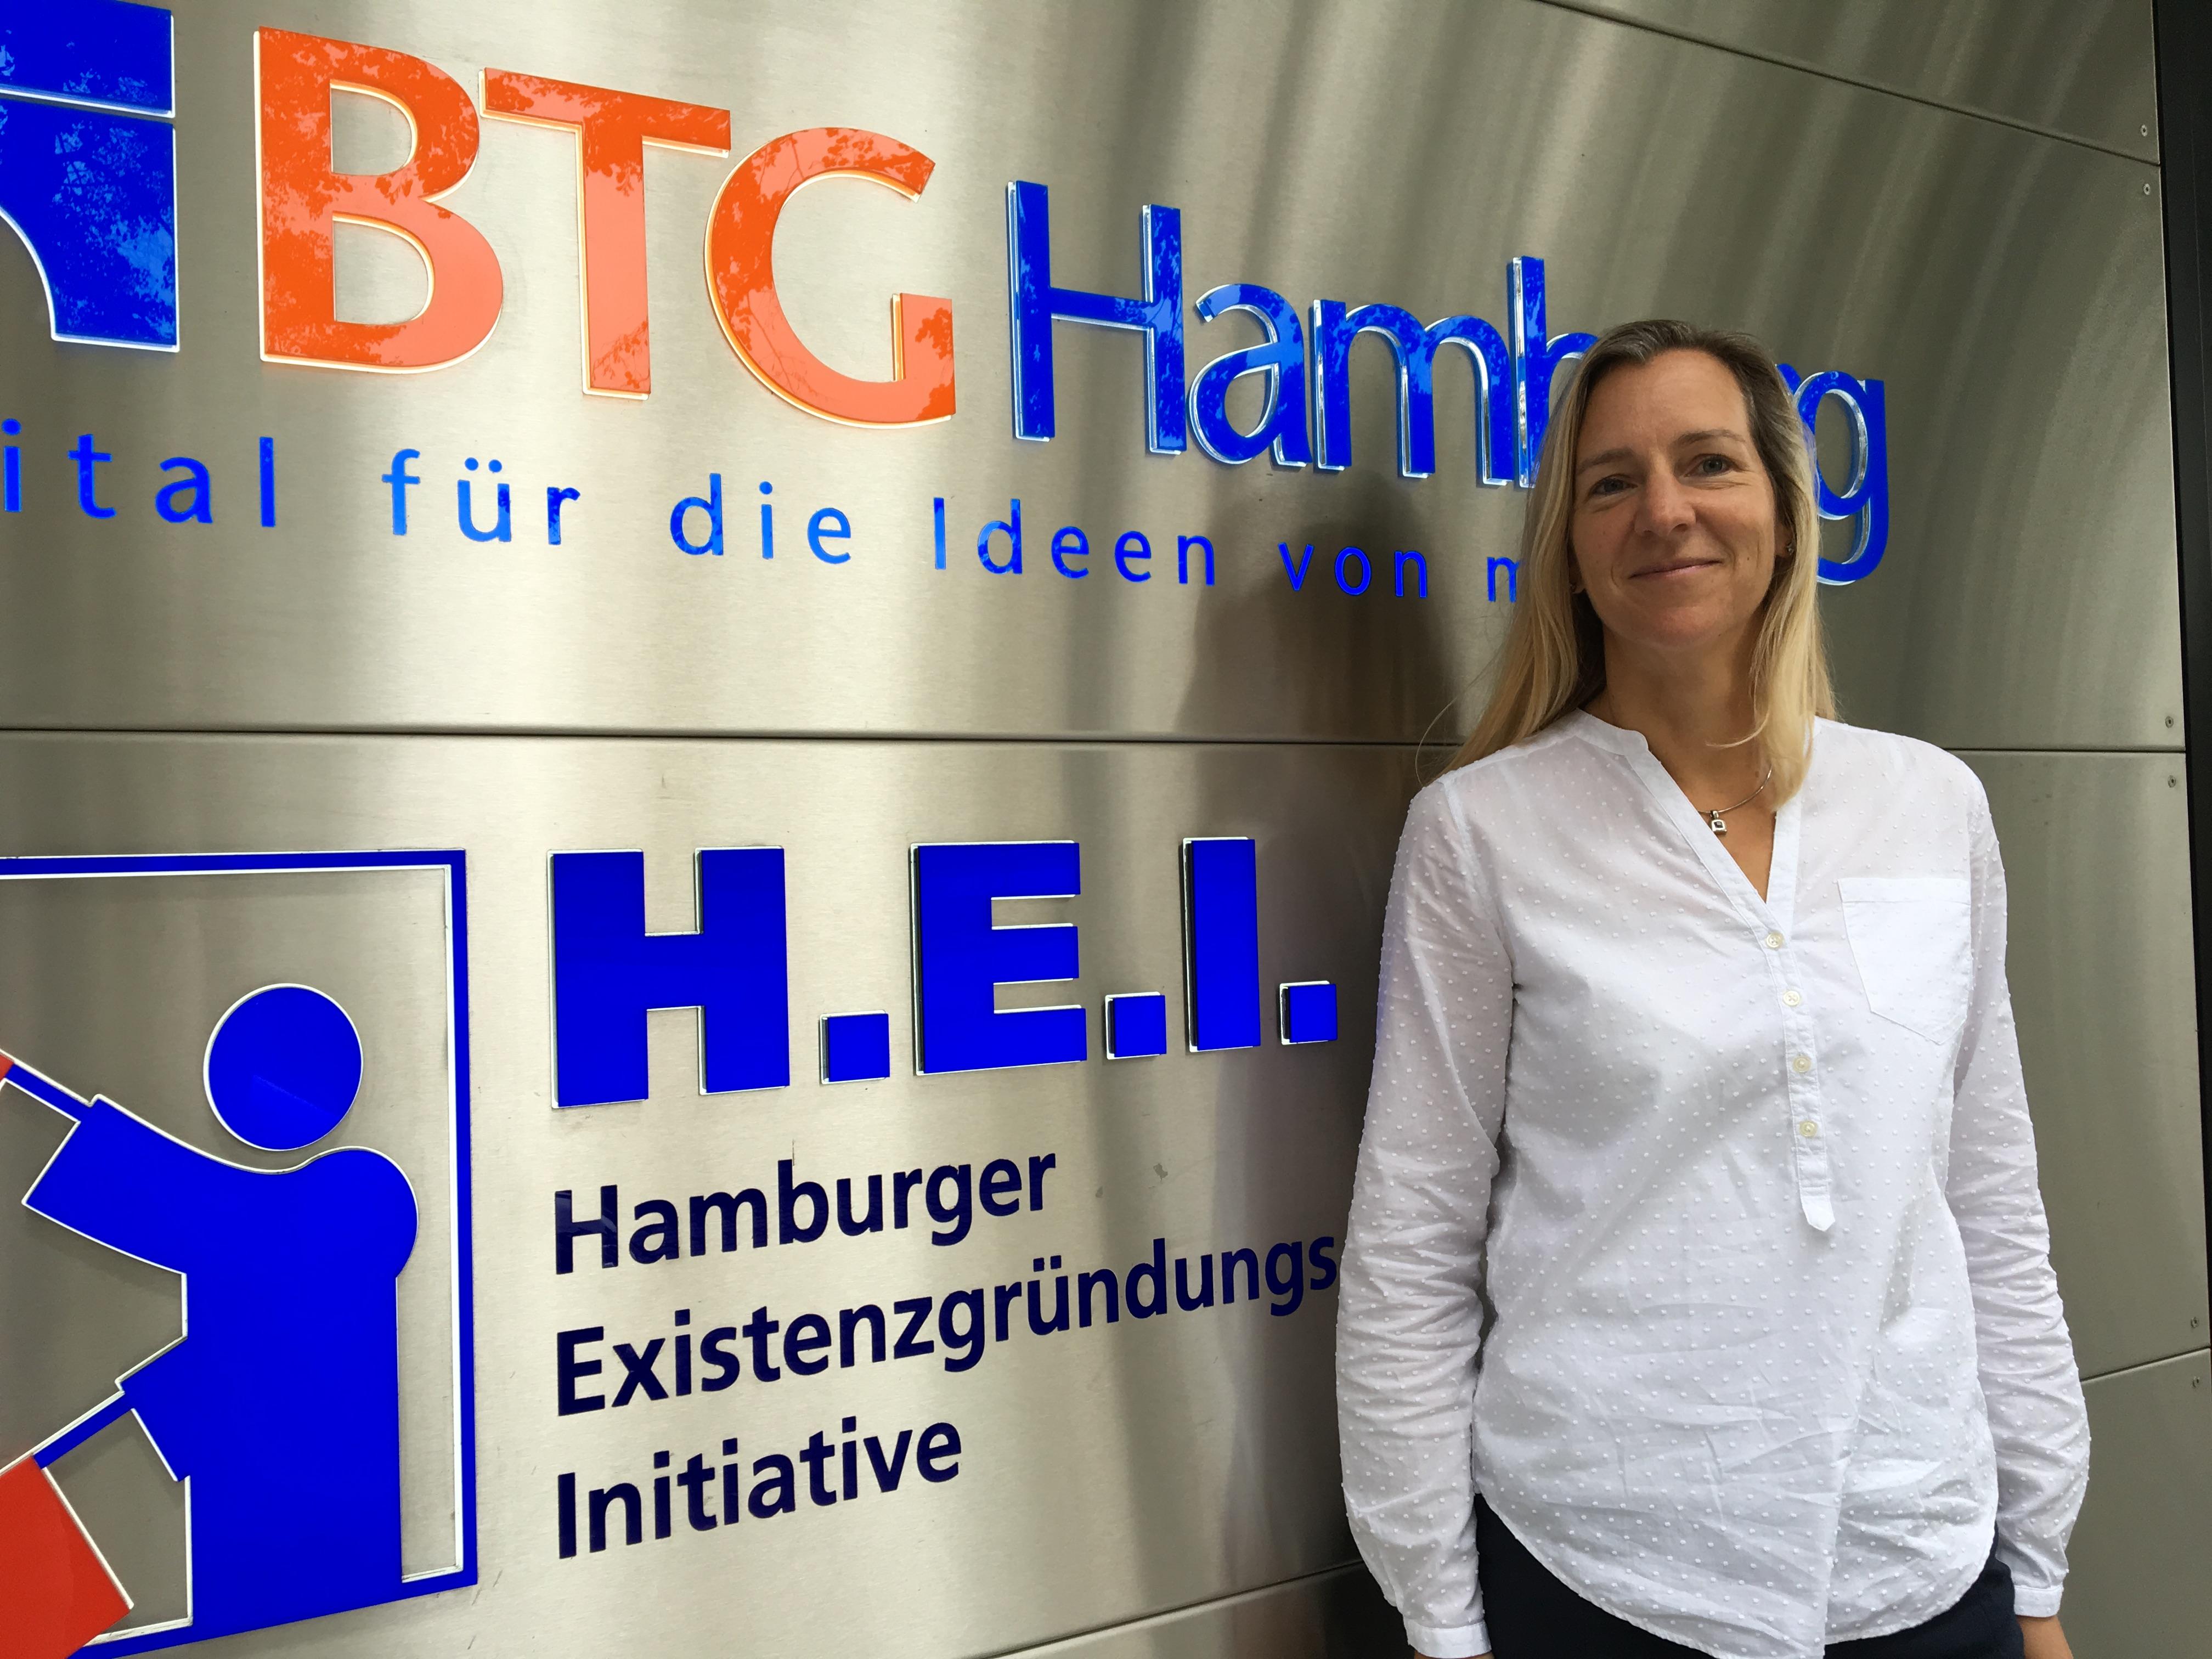 Die Motivation und Leidenschaft der Gründer beeindruckt Katja Schütt